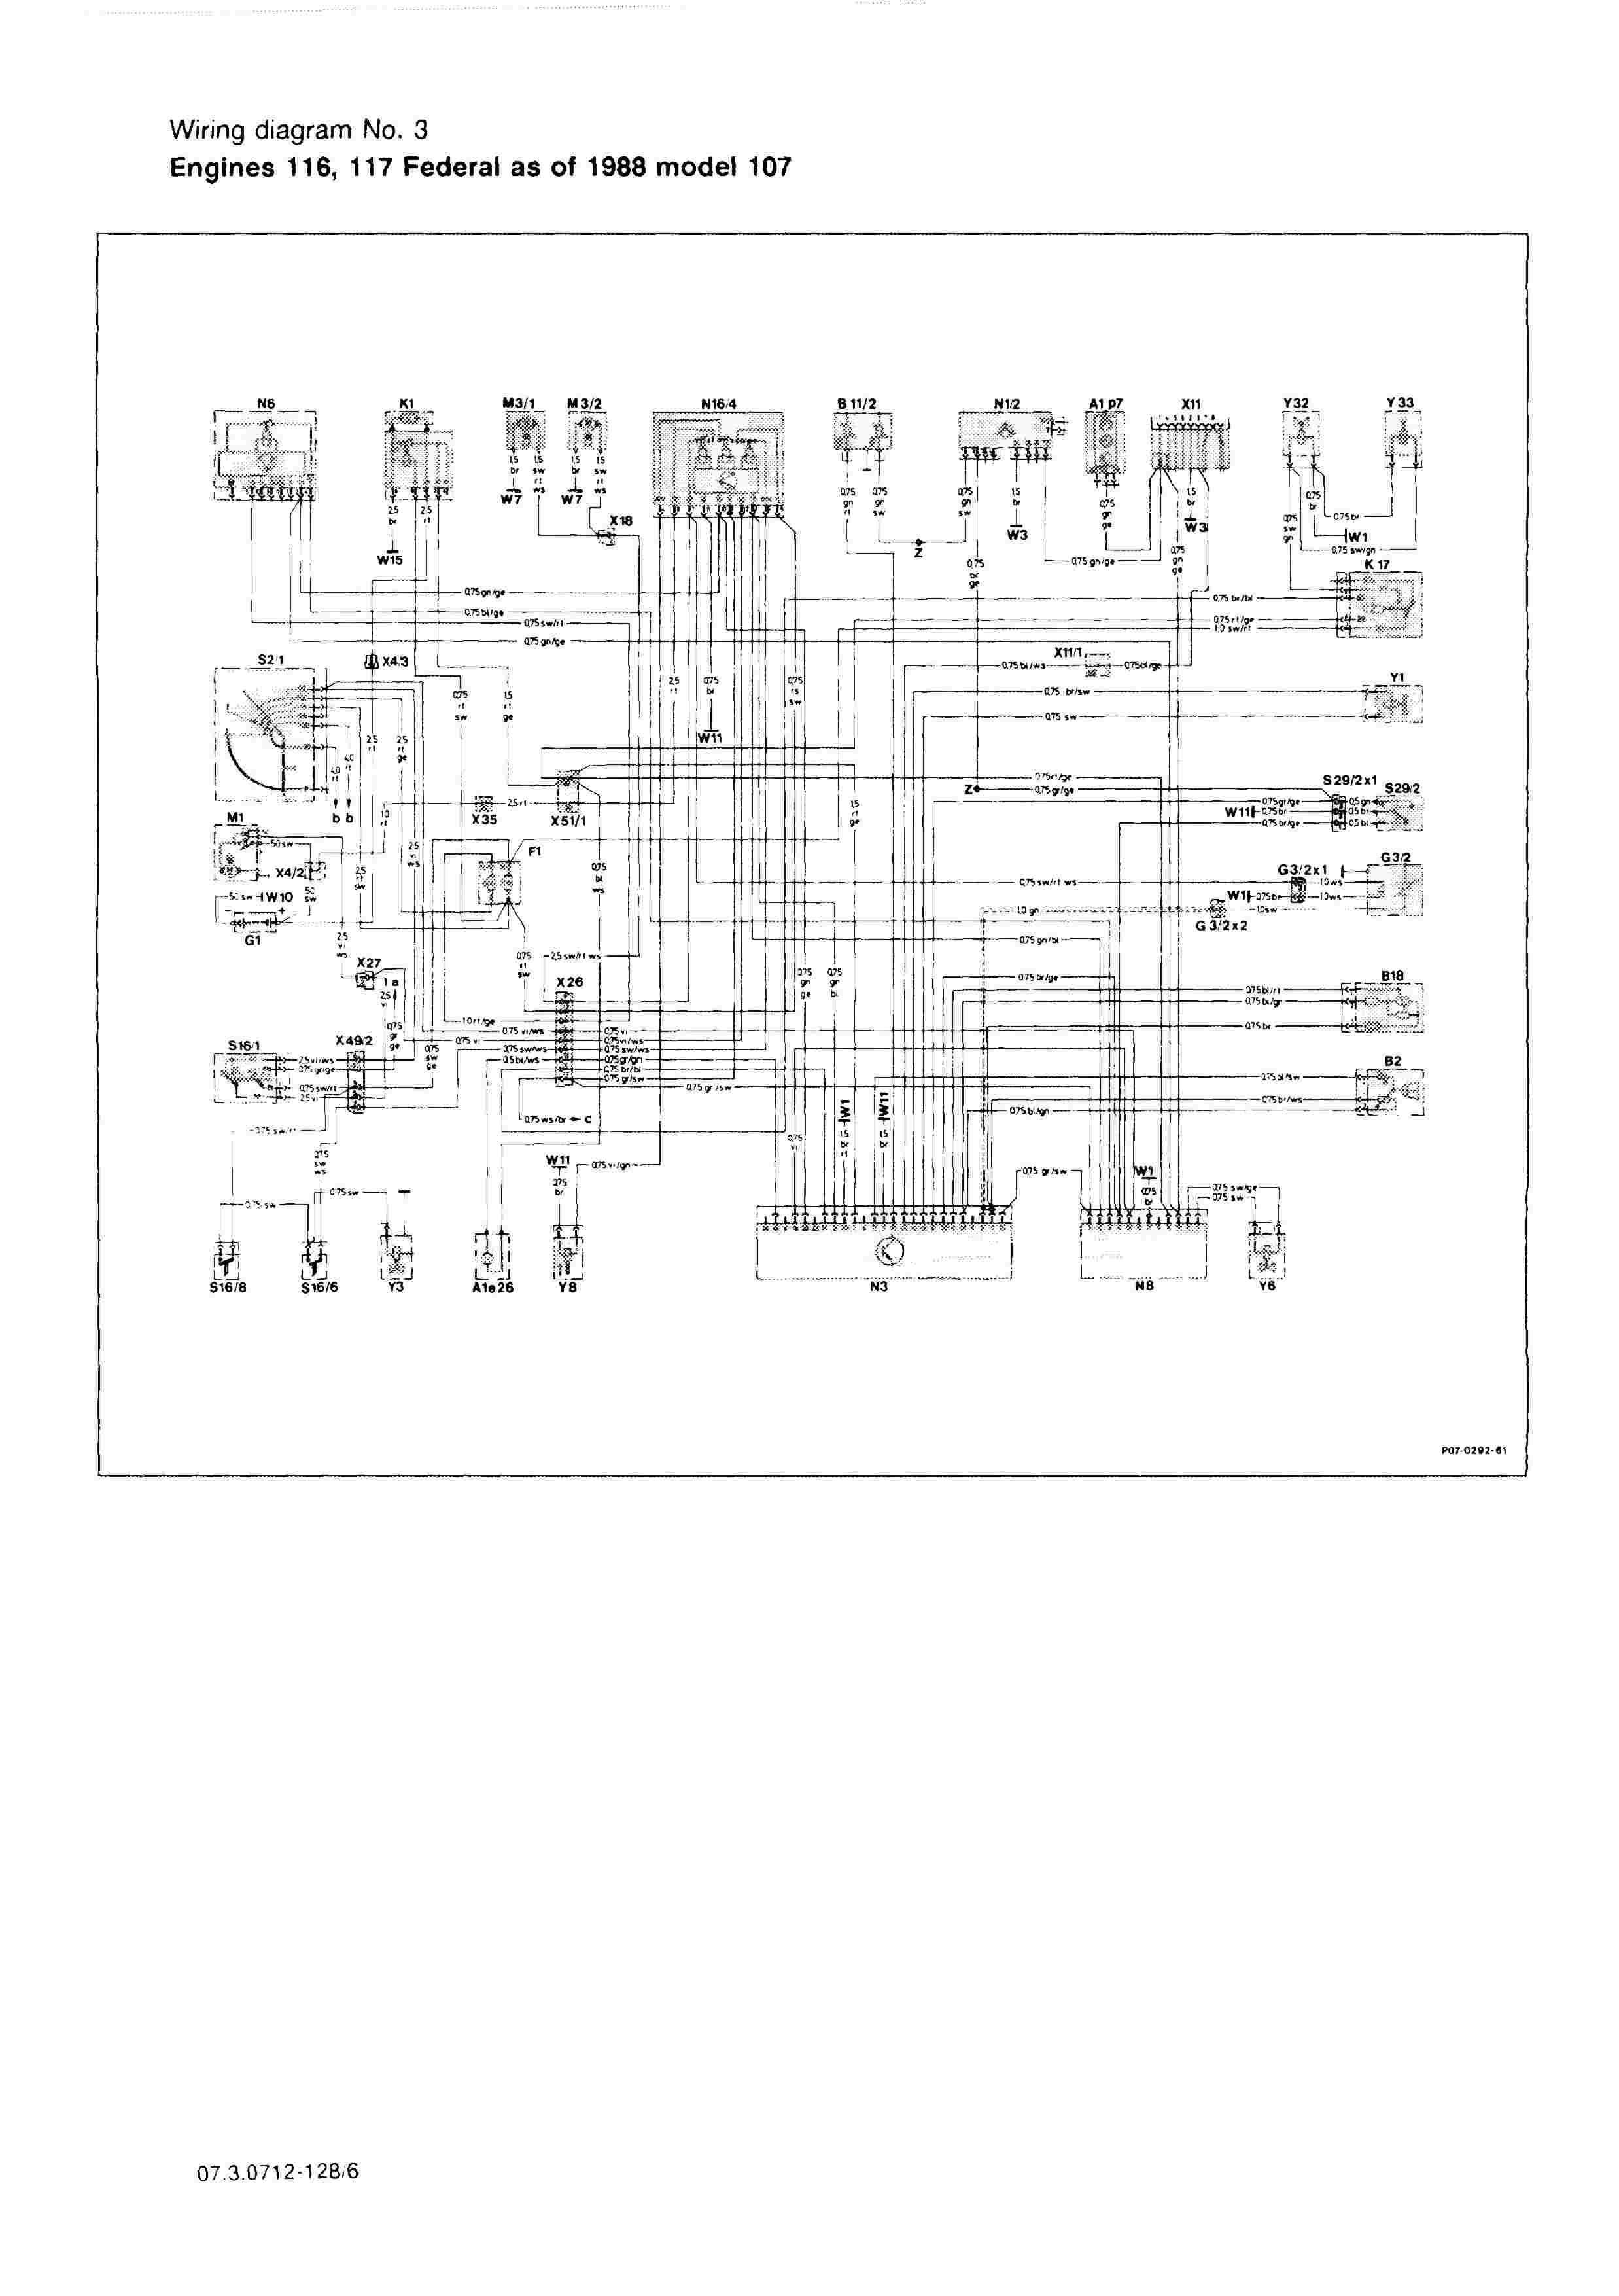 (W126): Diversos diagramas elétricos 000613